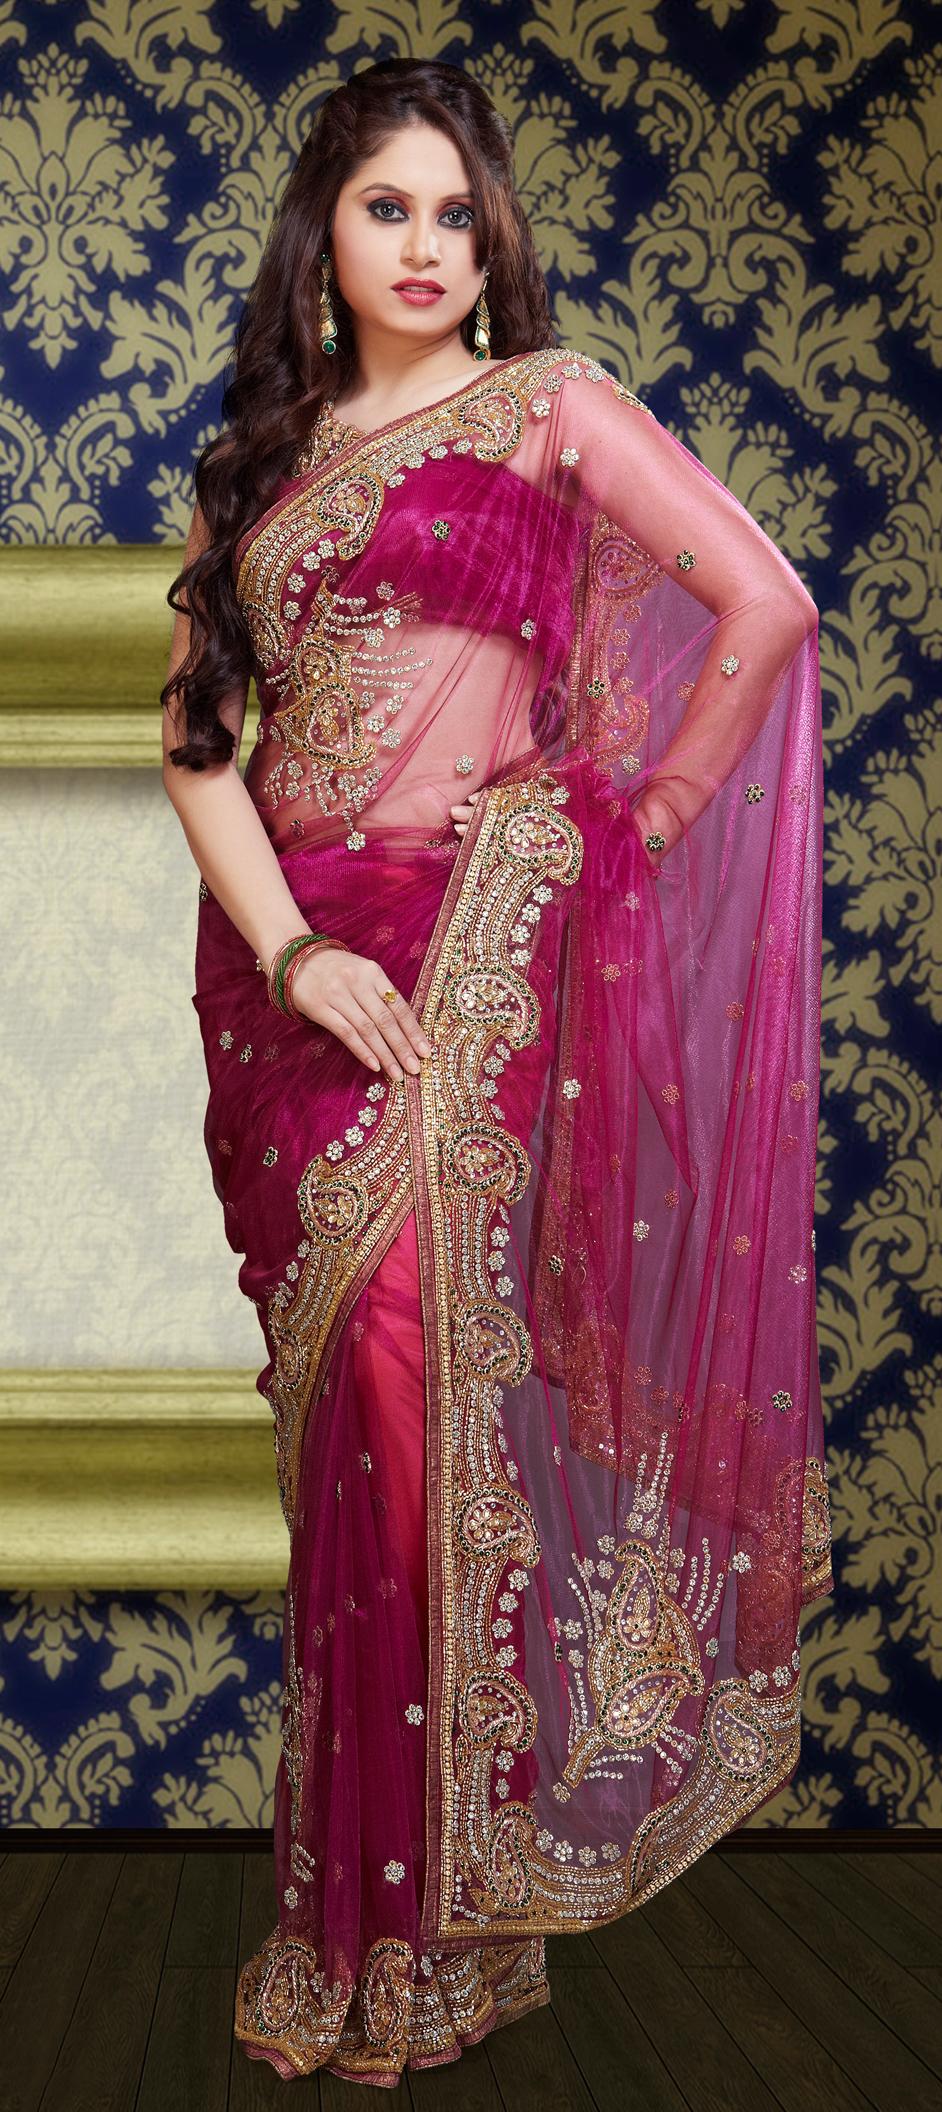 Saree bridal wedding sarees